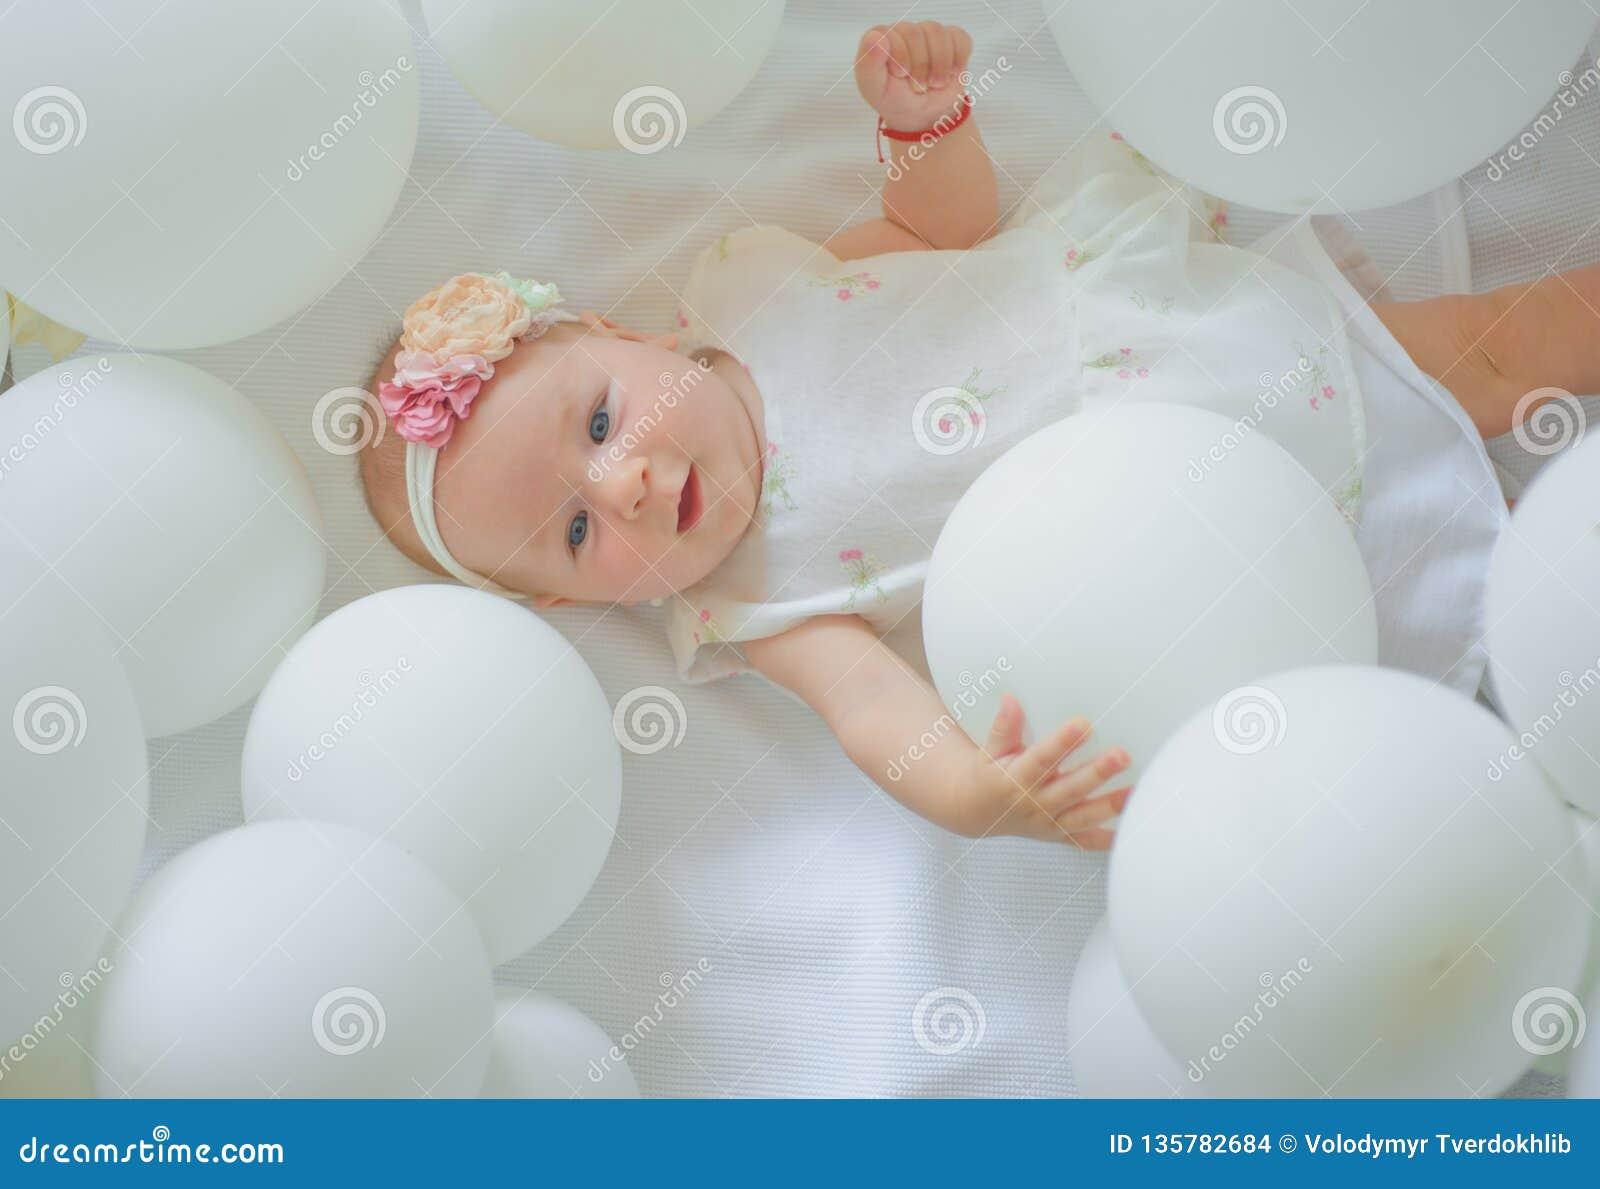 Leuk weinig baby Familie Kinderverzorging De Dag van kinderen Snoepje weinig baby Het nieuwe leven en geboorte Portret van gelukk